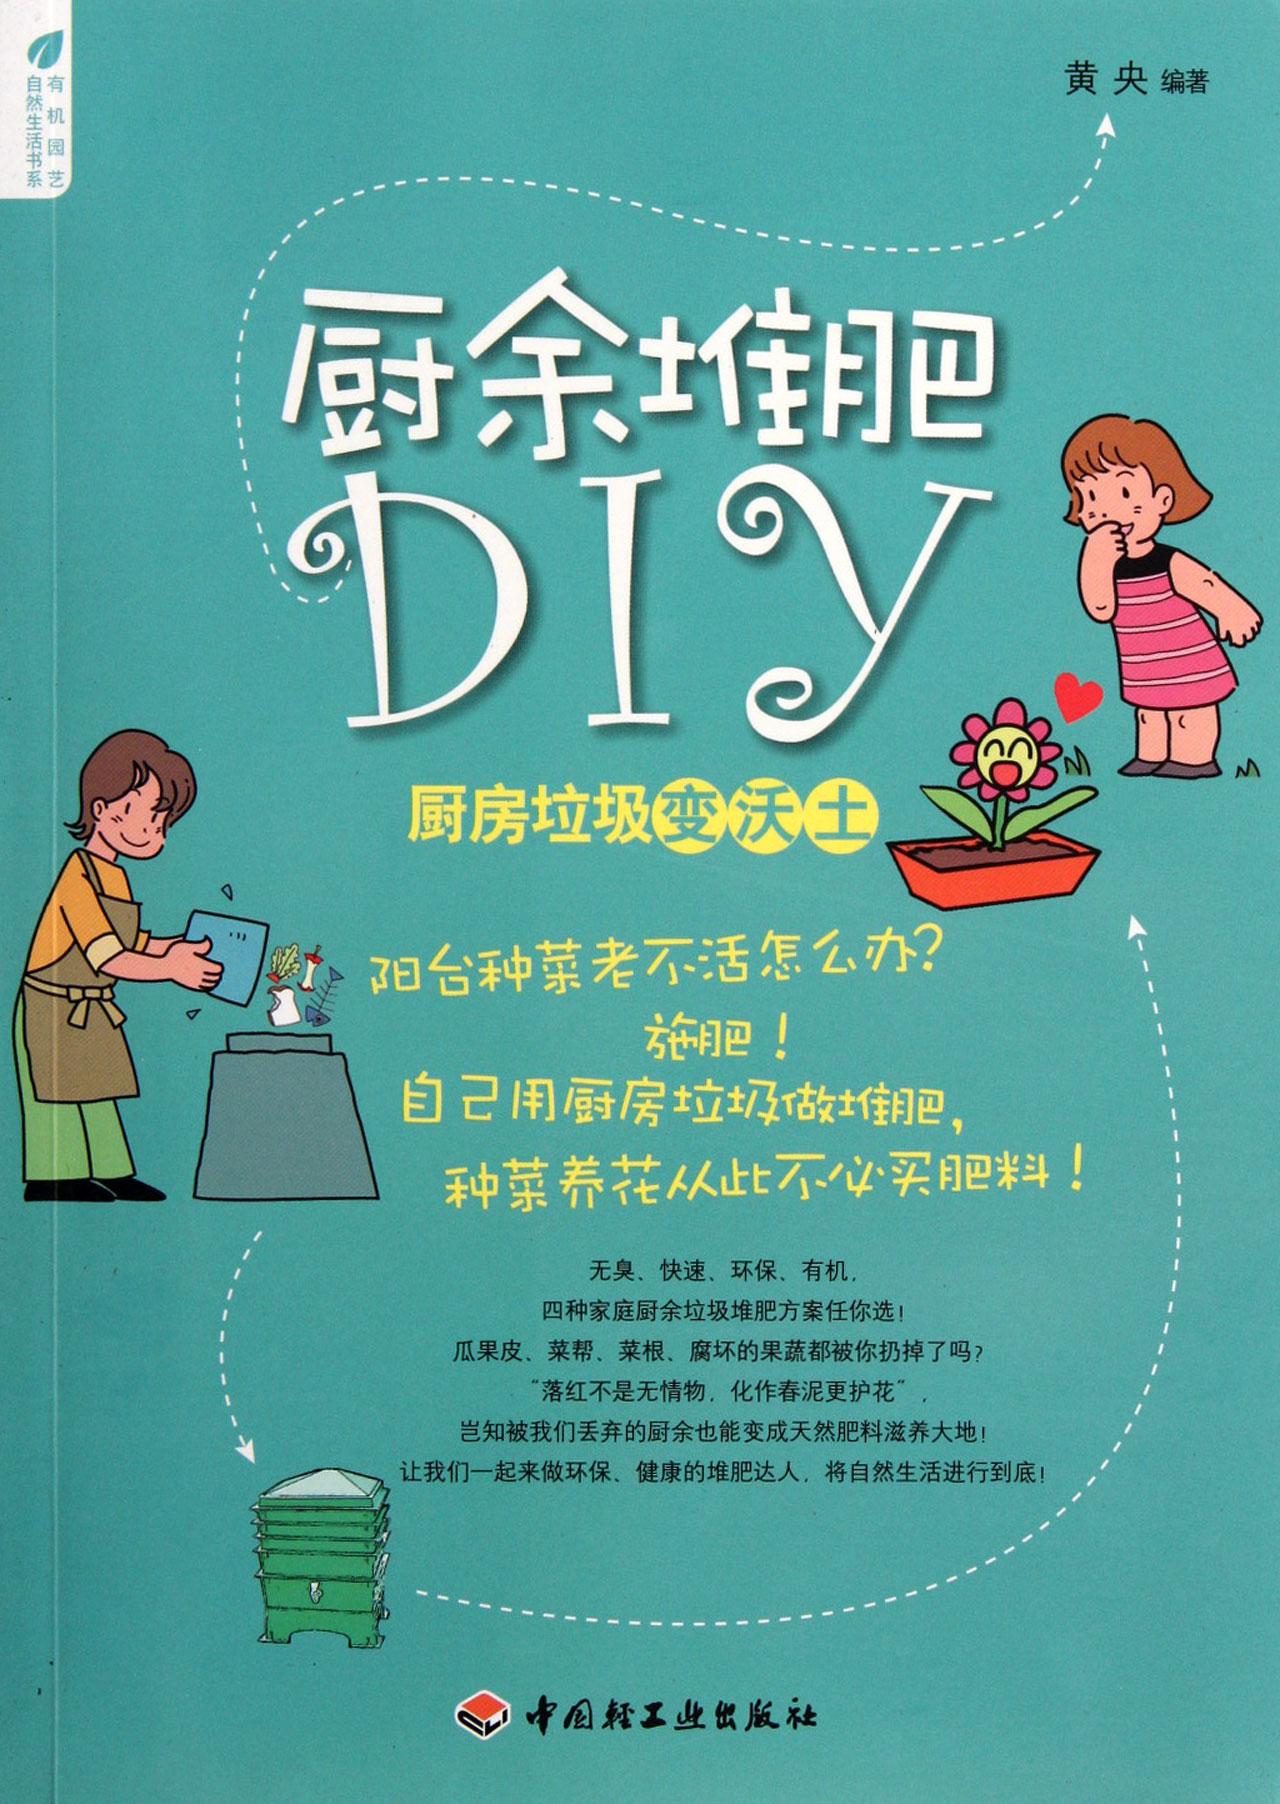 厨余堆肥diy(厨房垃圾变沃土)